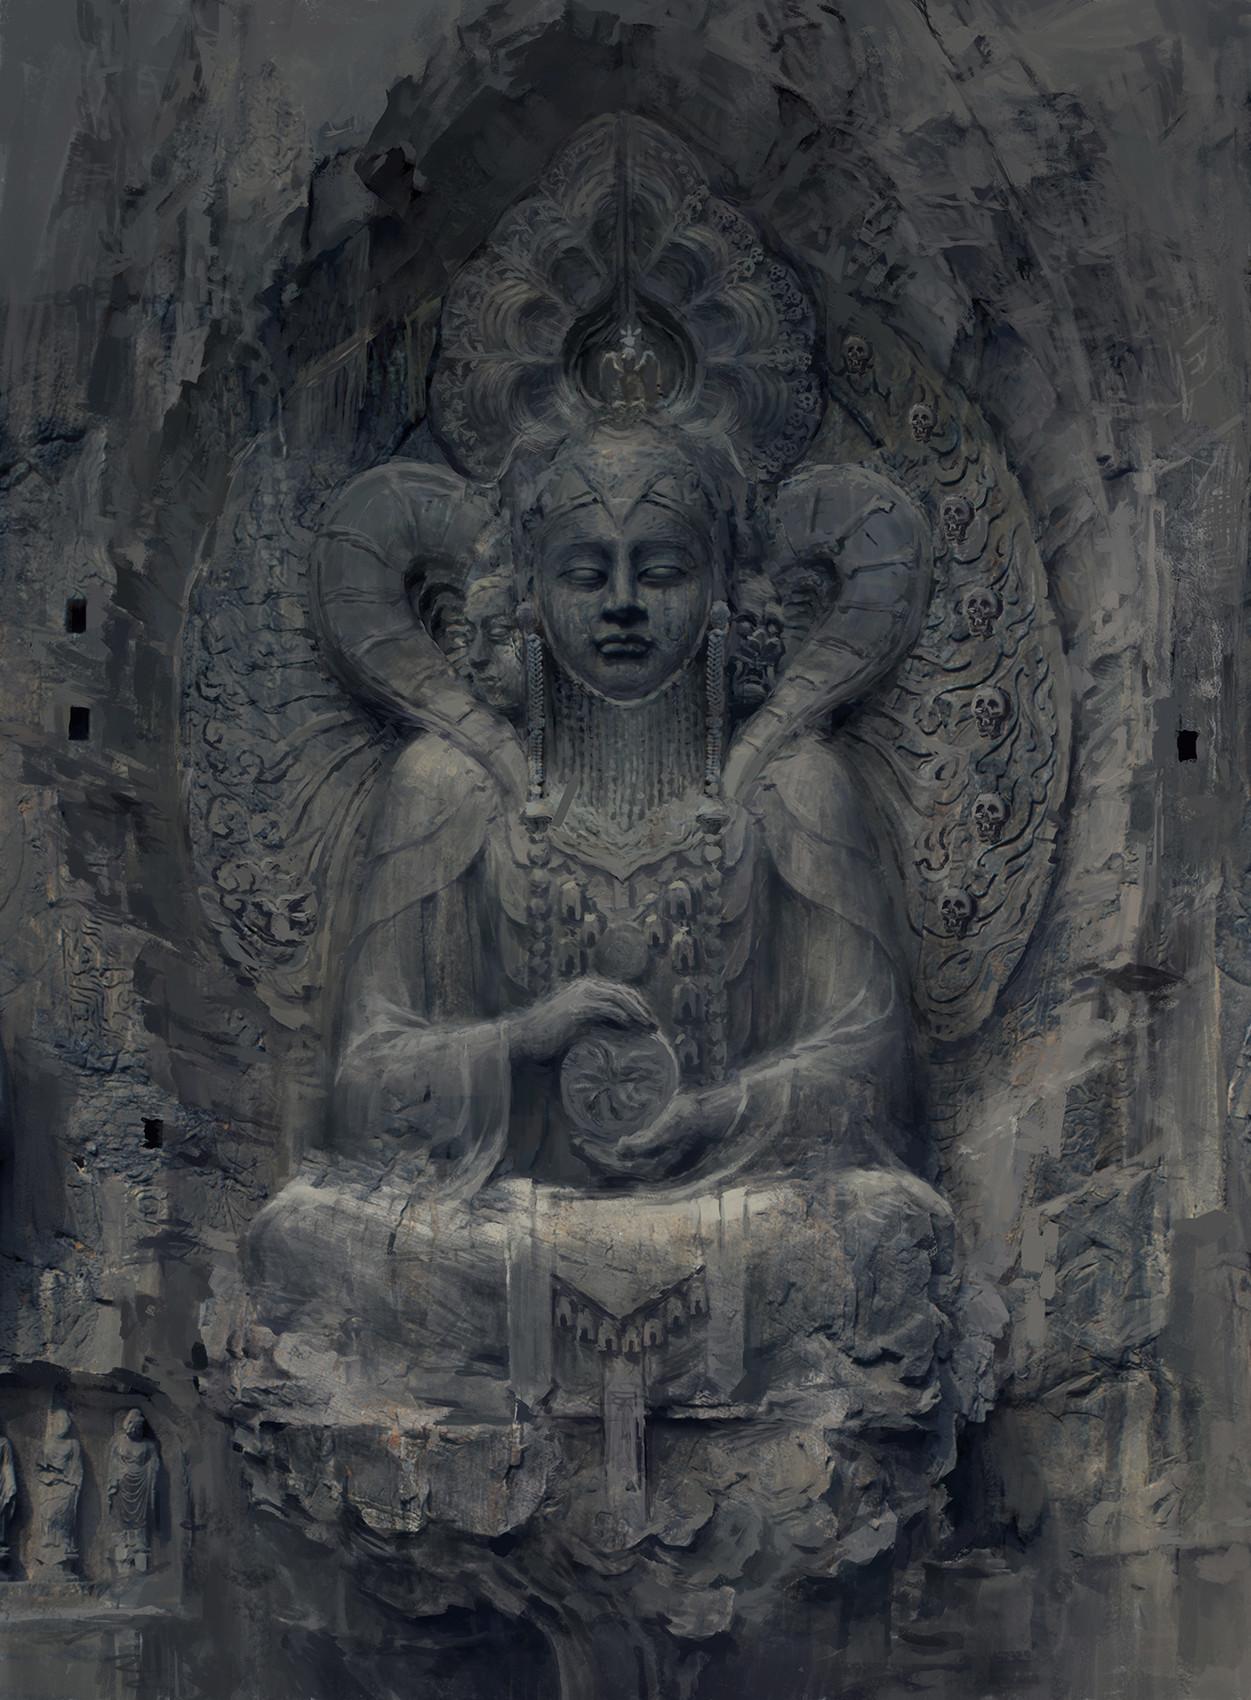 Tianhua xu 2